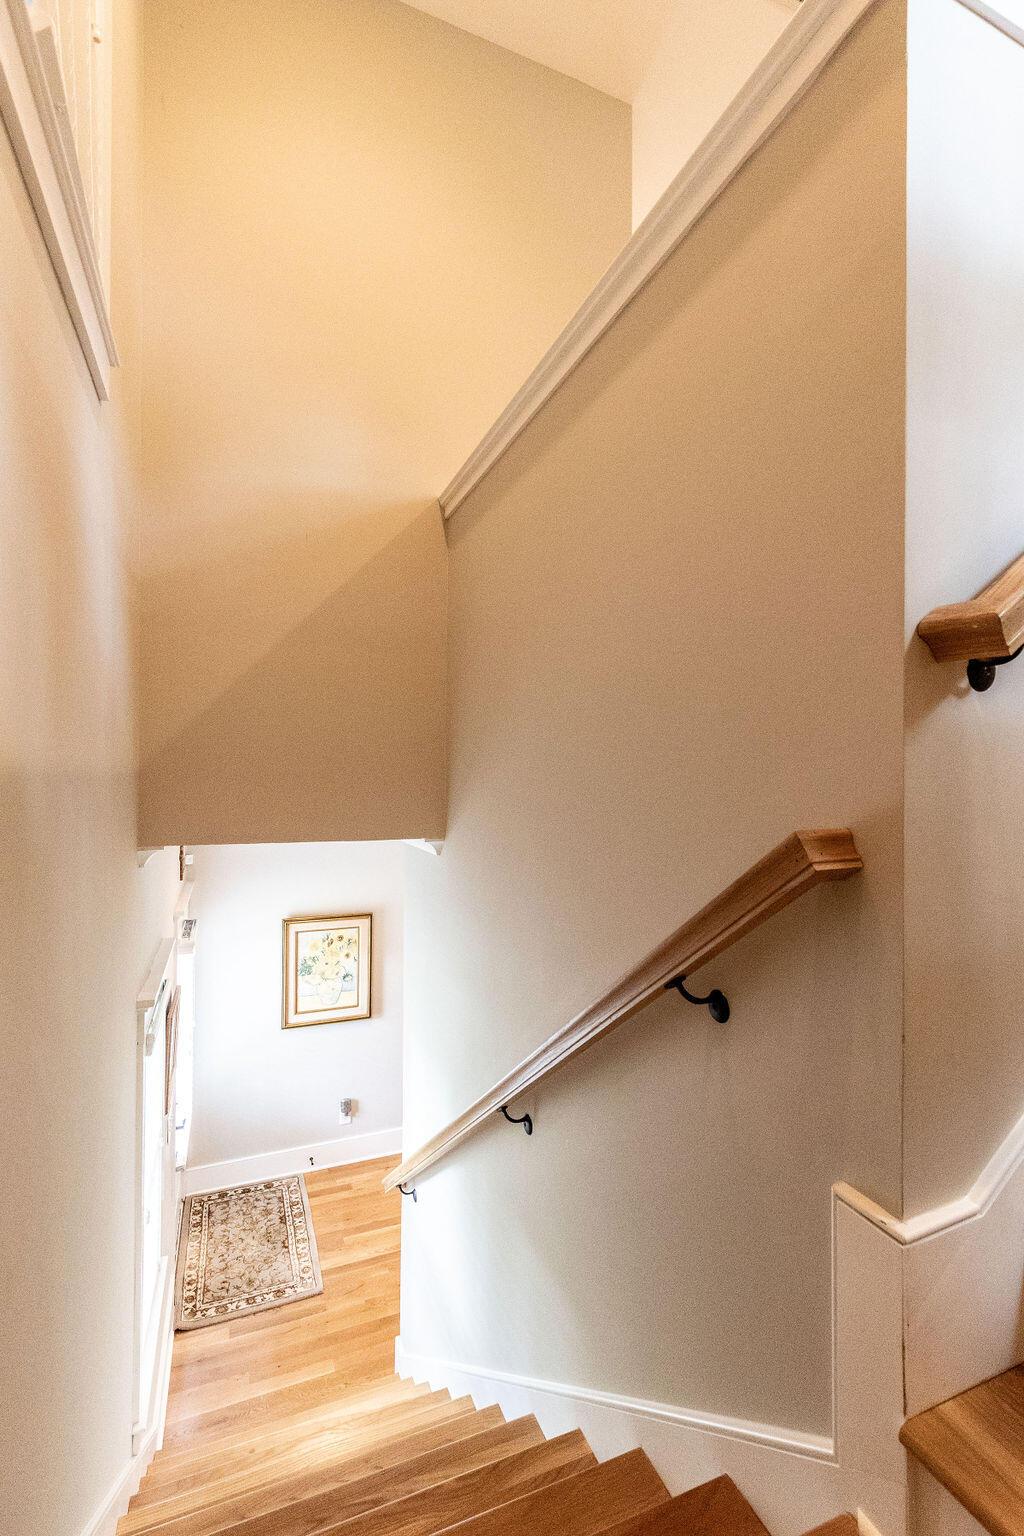 Dunes West Homes For Sale - 2705 Fountainhead, Mount Pleasant, SC - 61